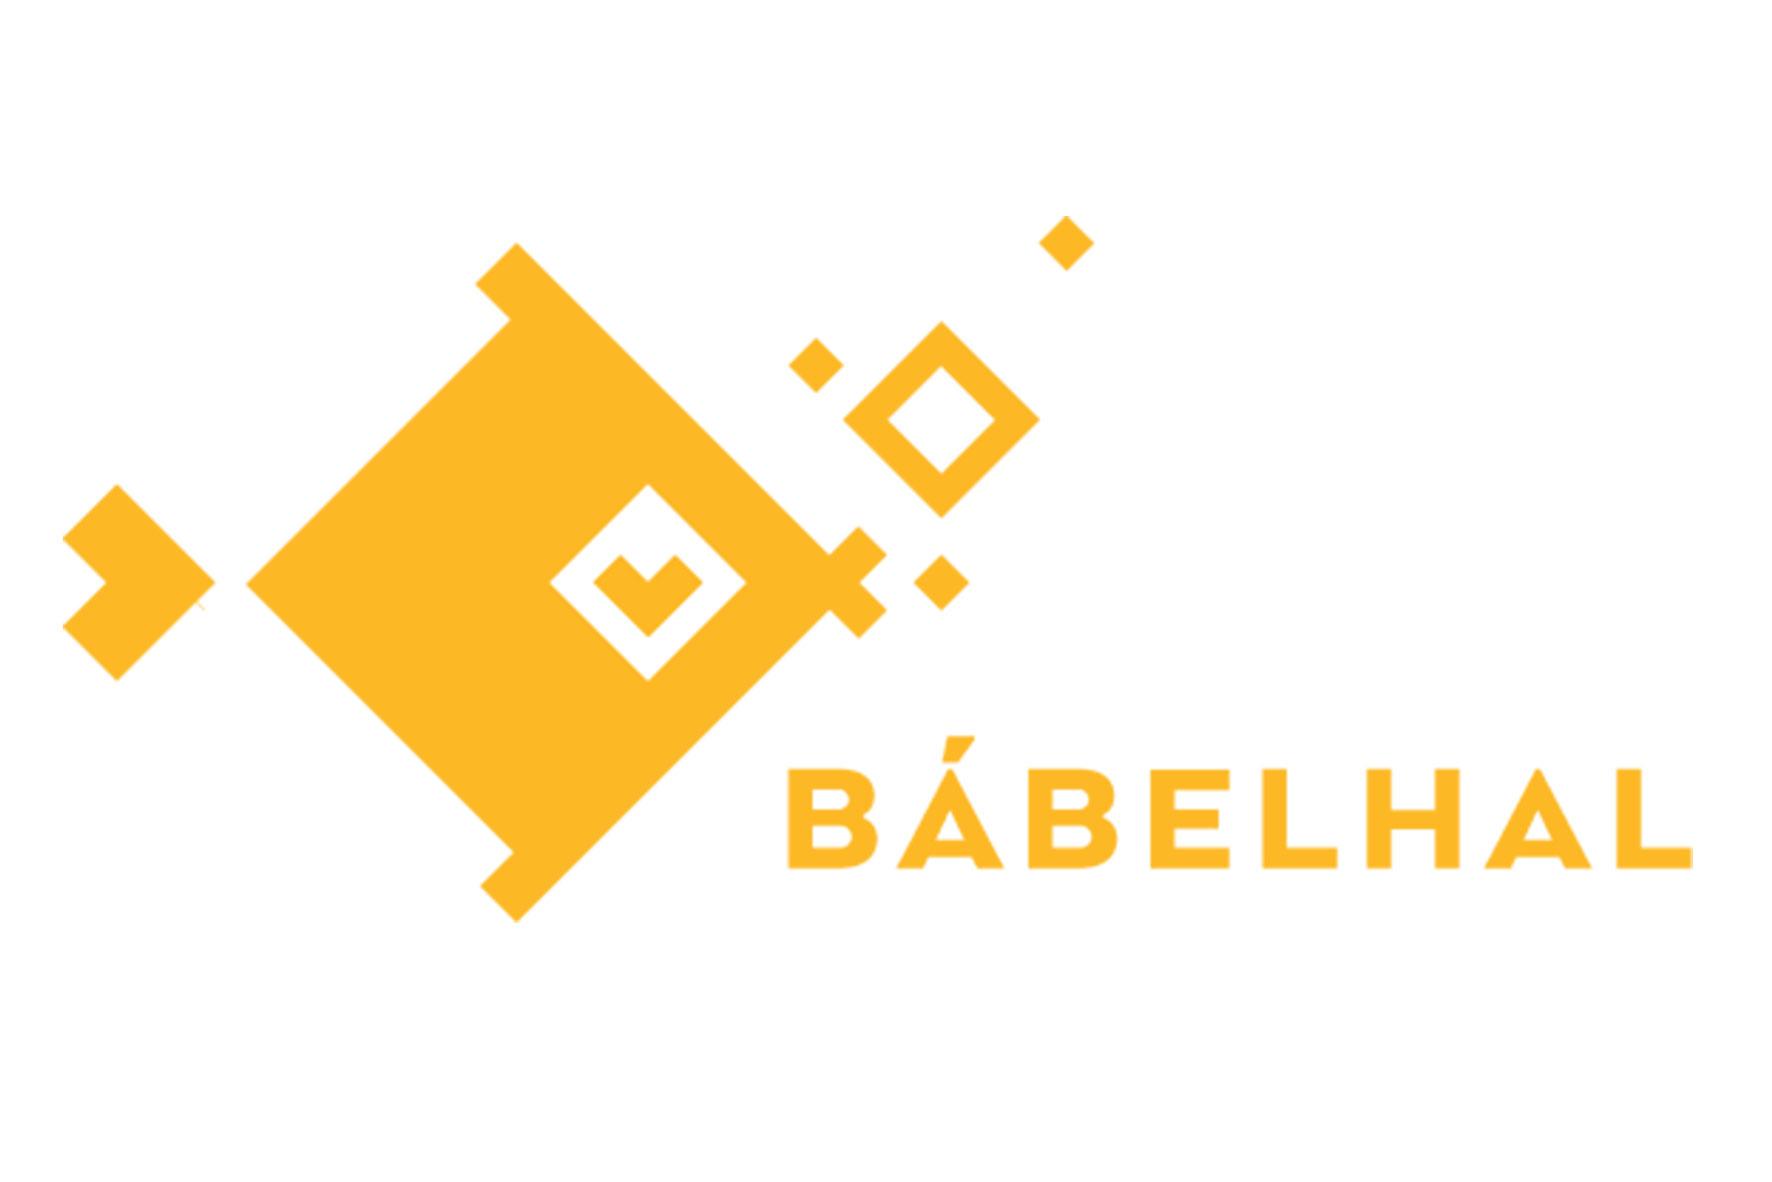 Bábelhal